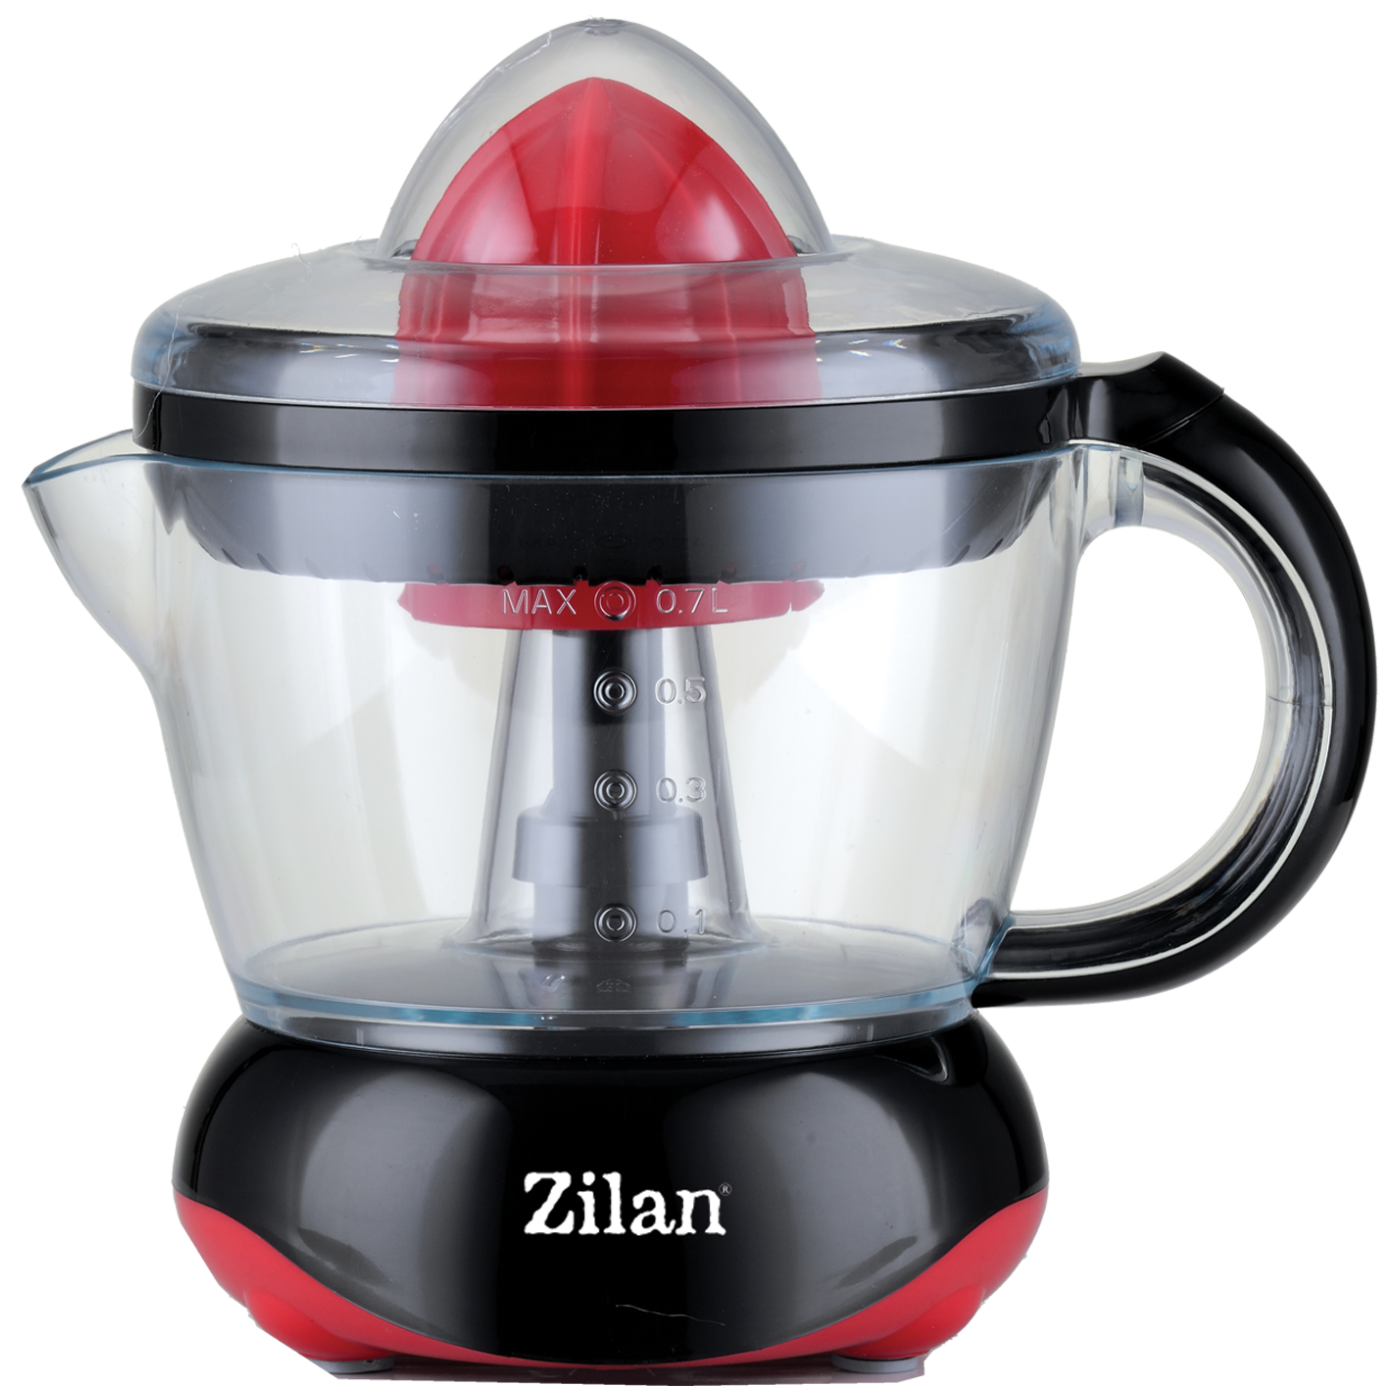 Zilan - ZLN7825/RD